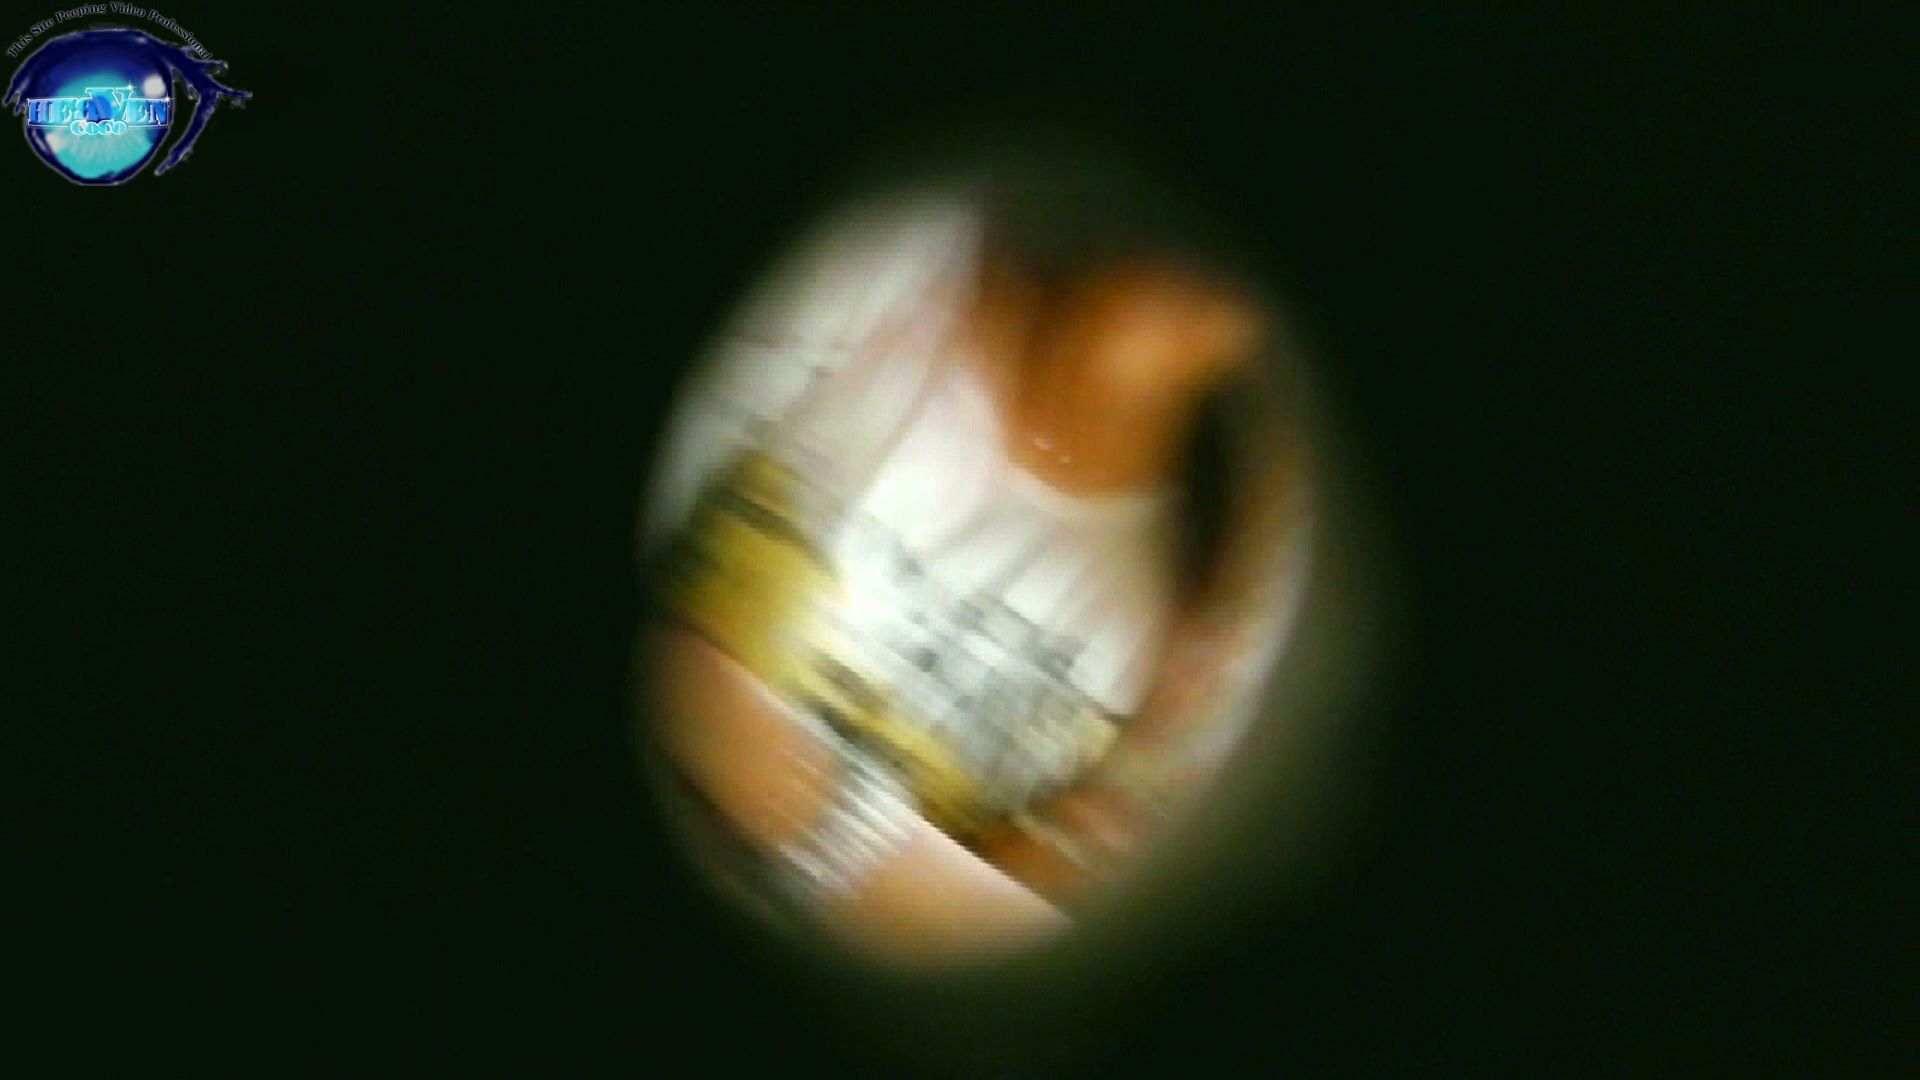 世界の射窓から vol.29 後編 HなOL AV無料 111pic 106